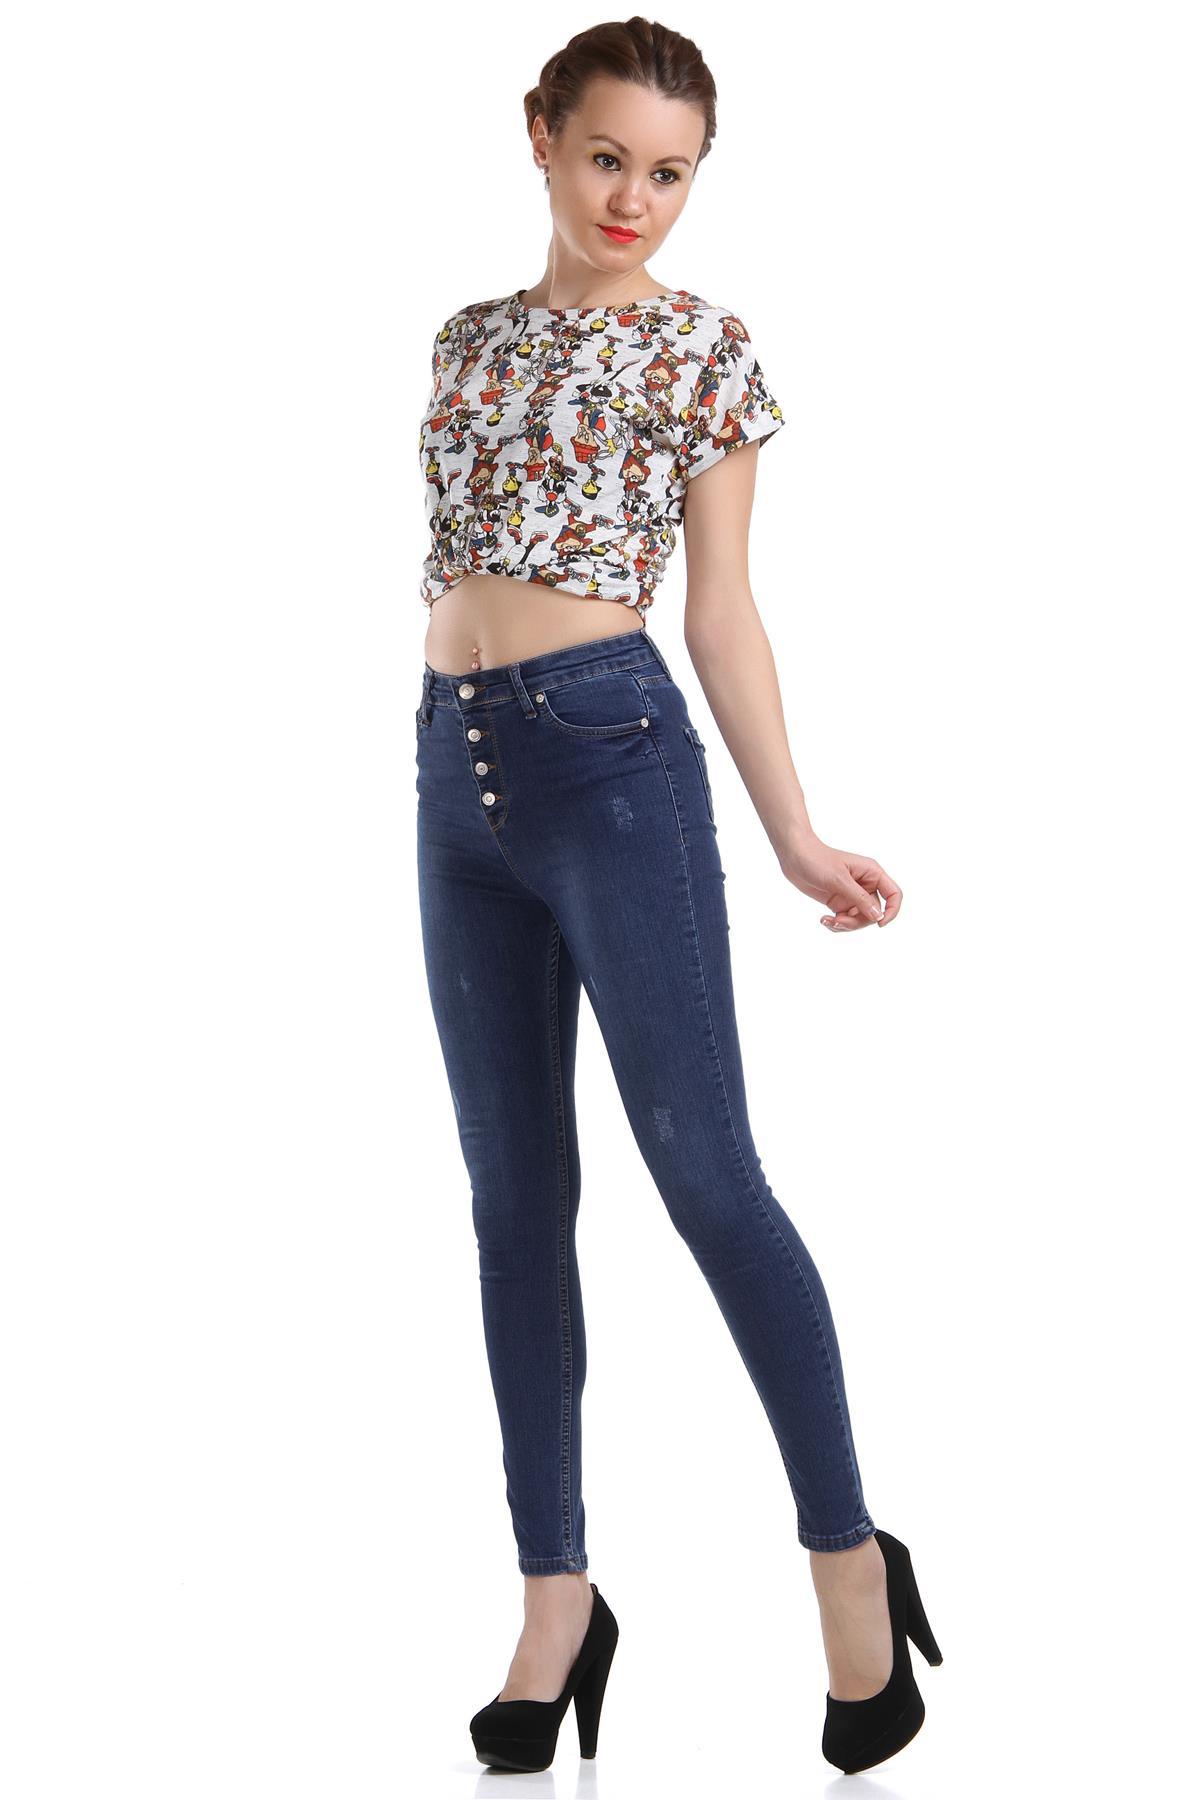 Patırtı Yüksek Bel Kot Pantolon Modelleri, Patırtı Modelleri 2016